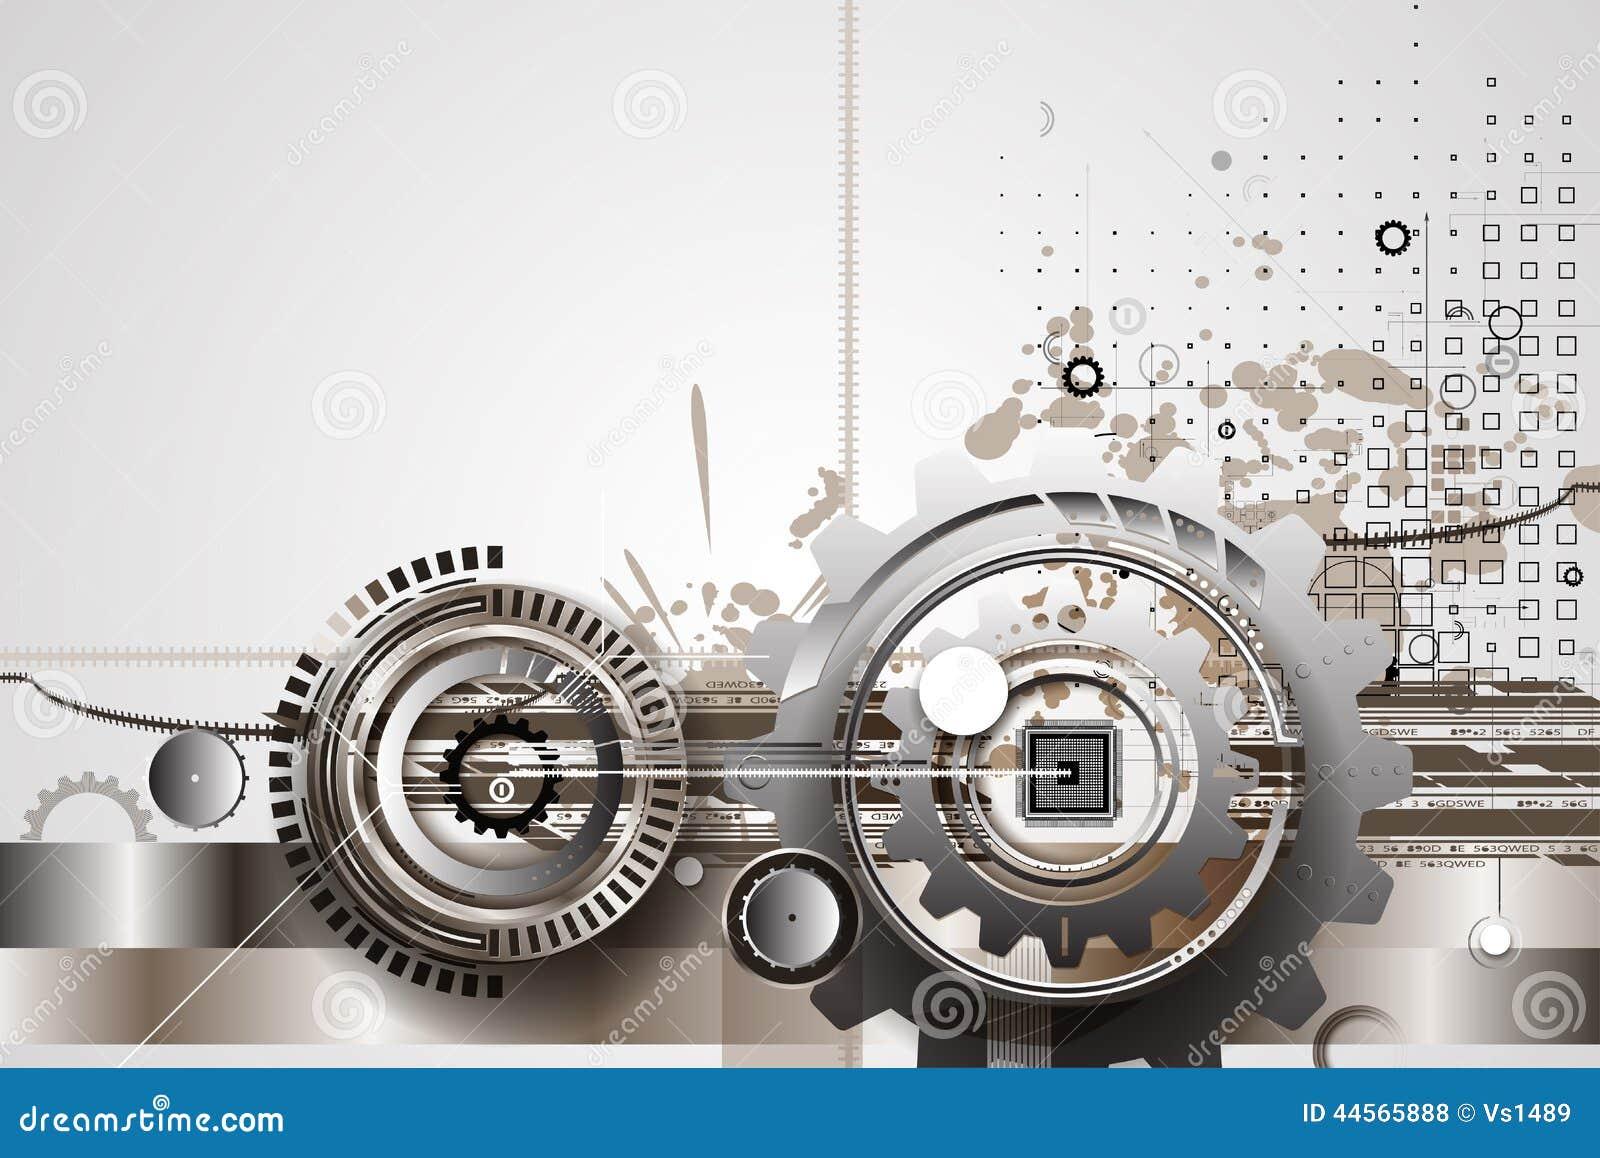 machine technology